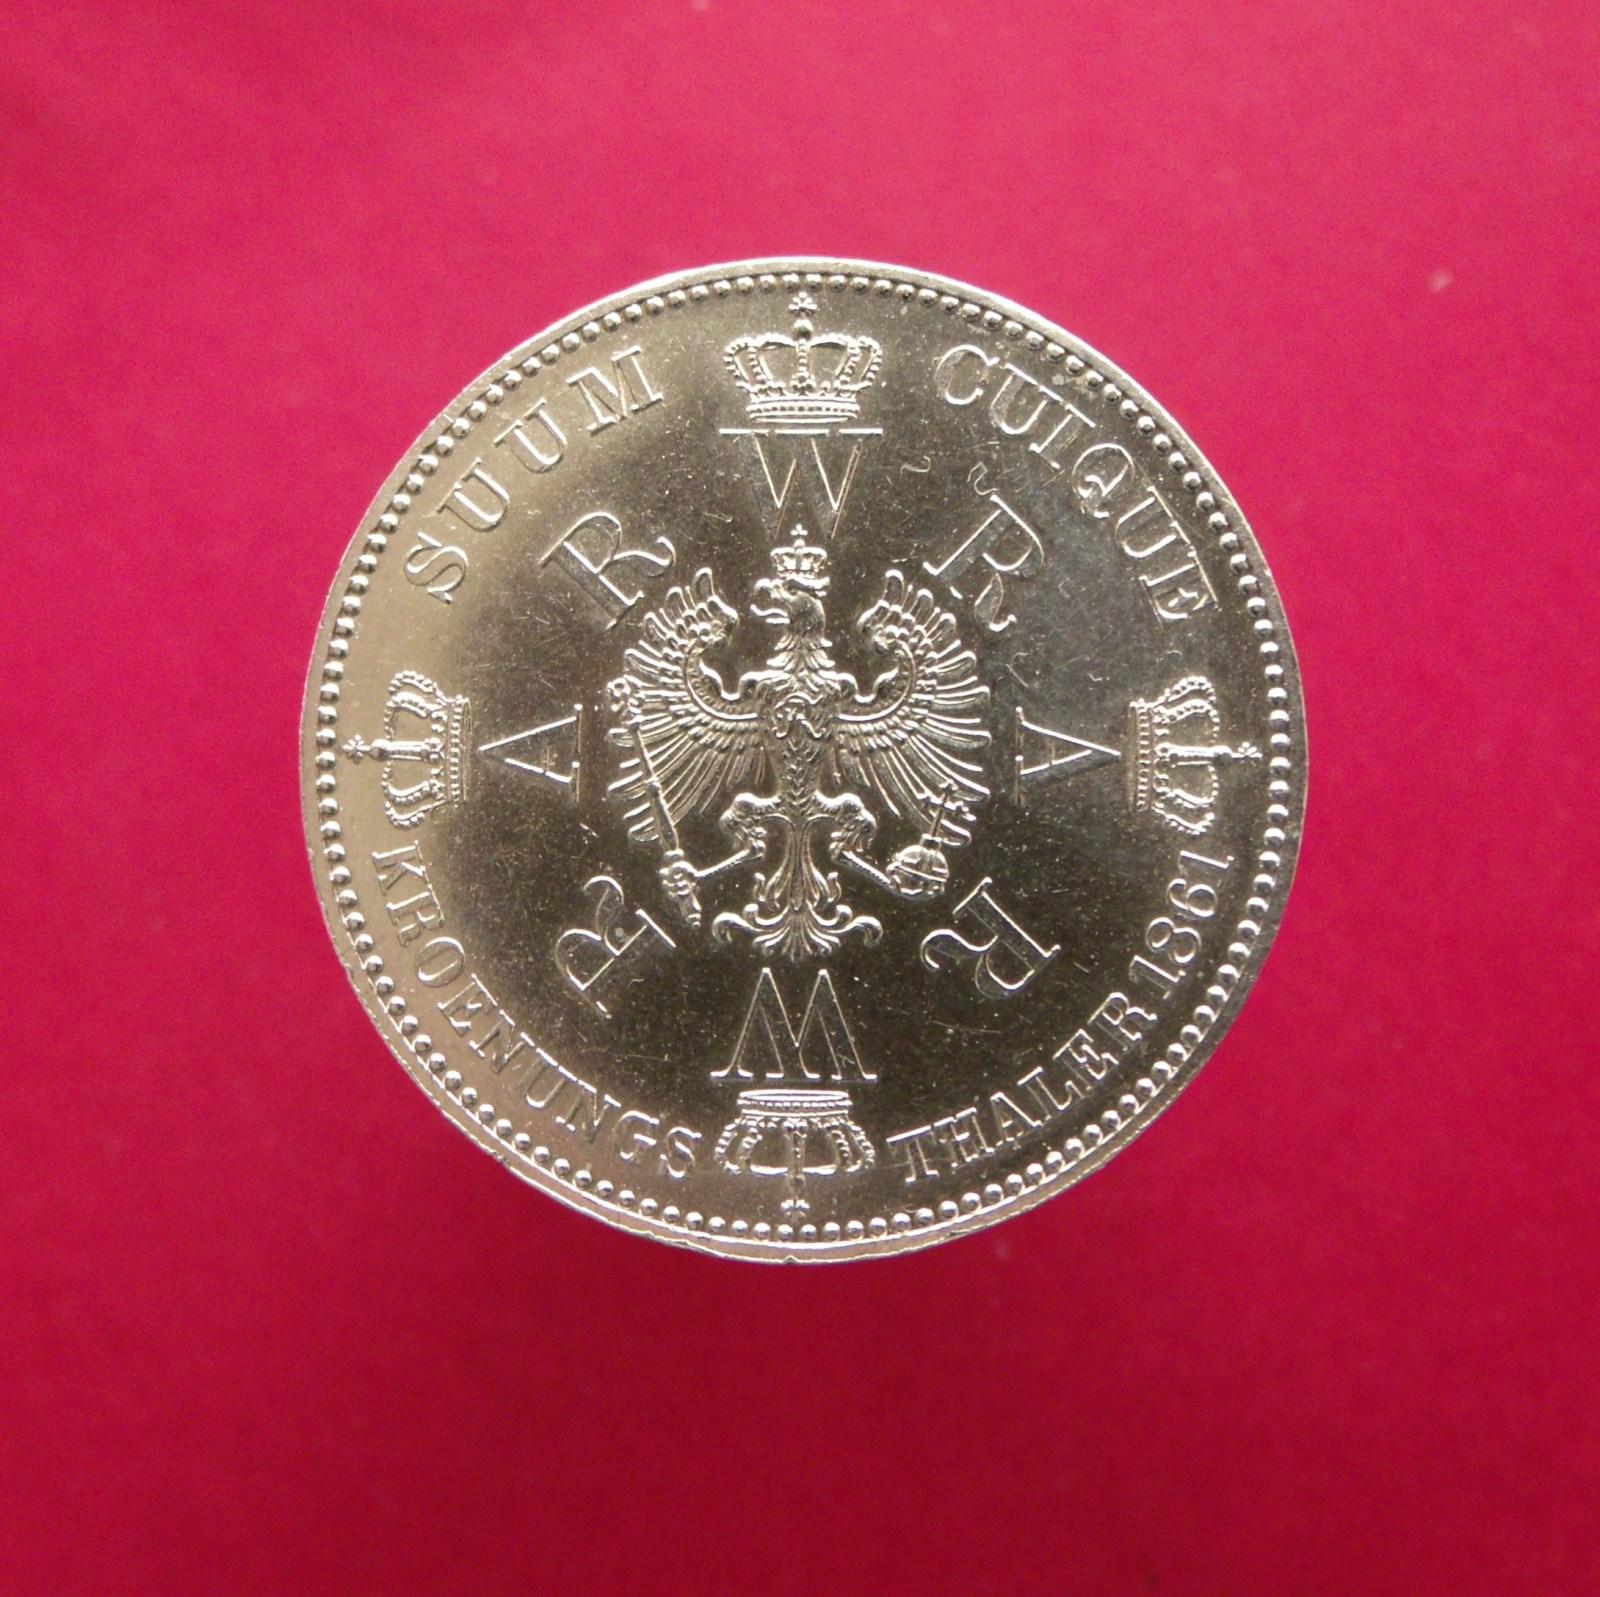 Alemania. Monedas del Reino de Prusia (1701-1918) - Página 1 2gt6lq9